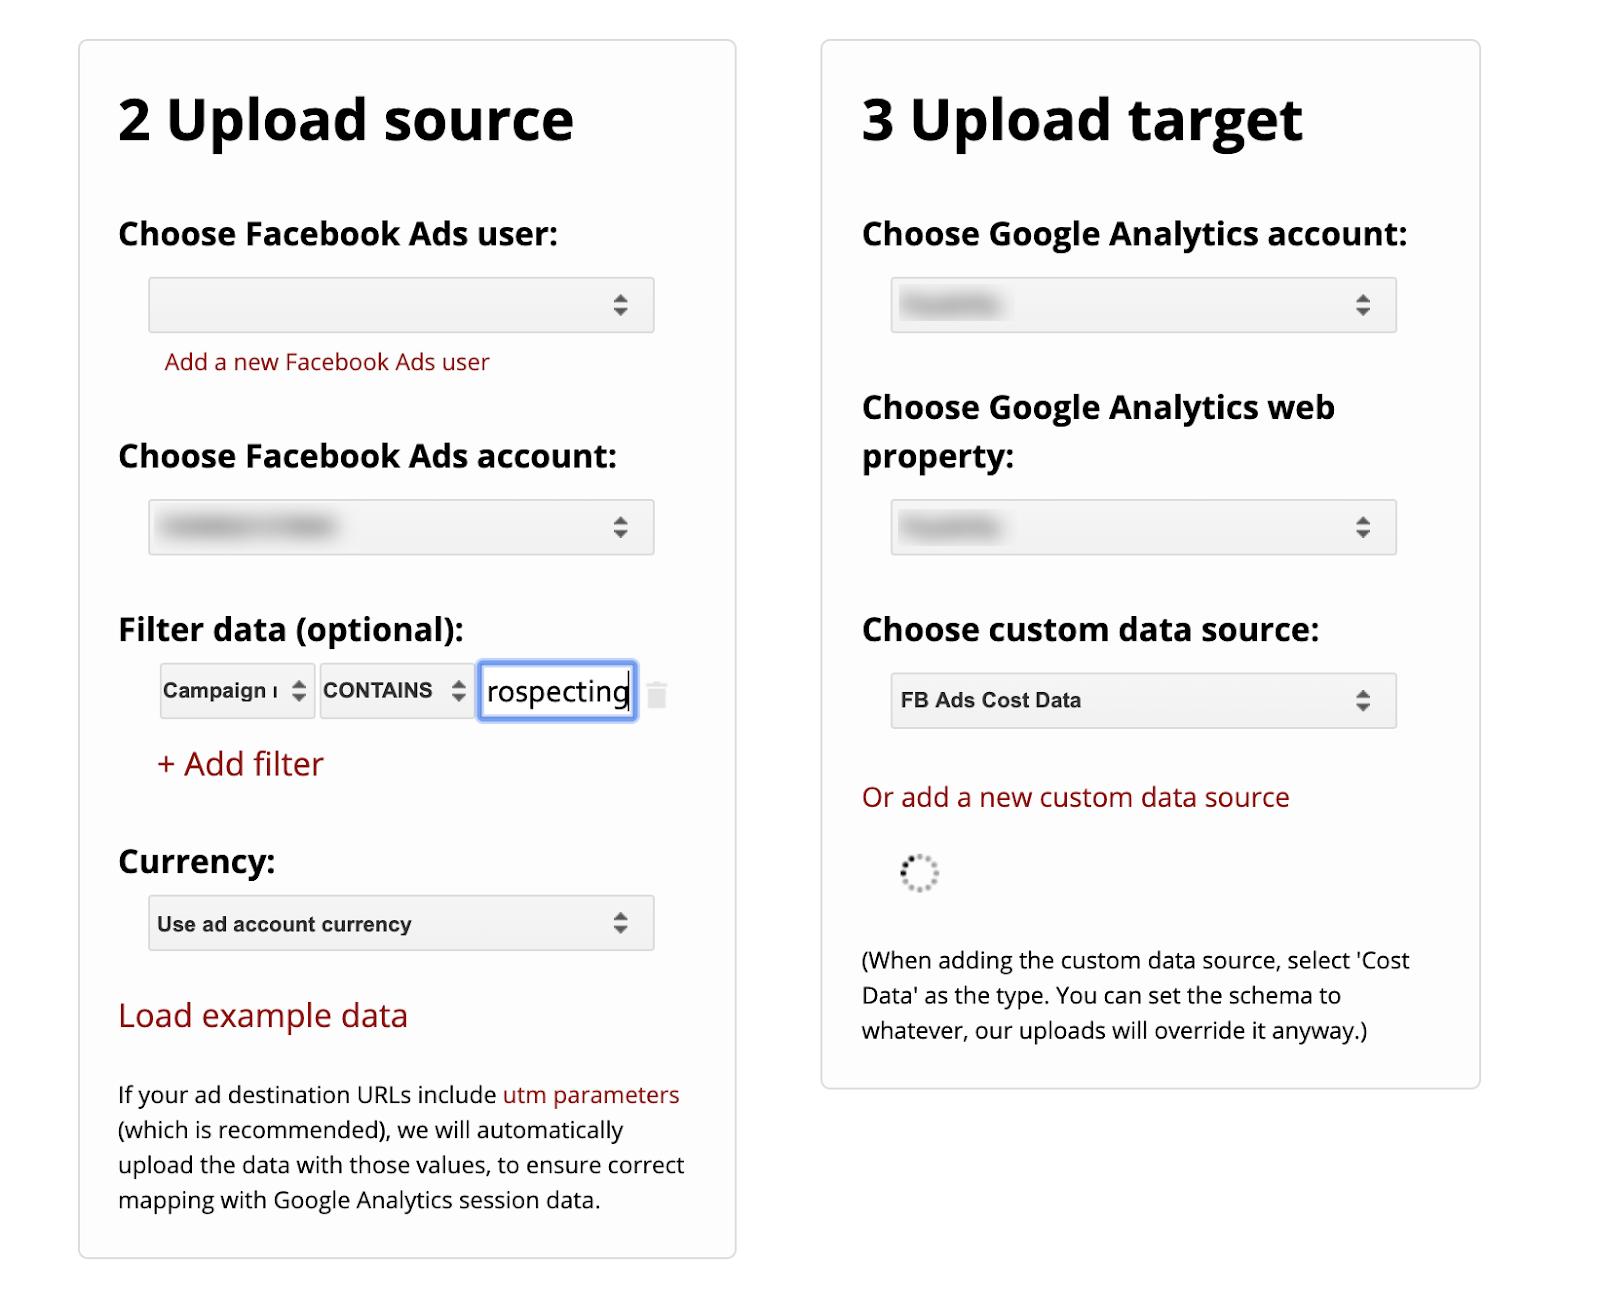 Supermetrics Uploader - Define upload source and target